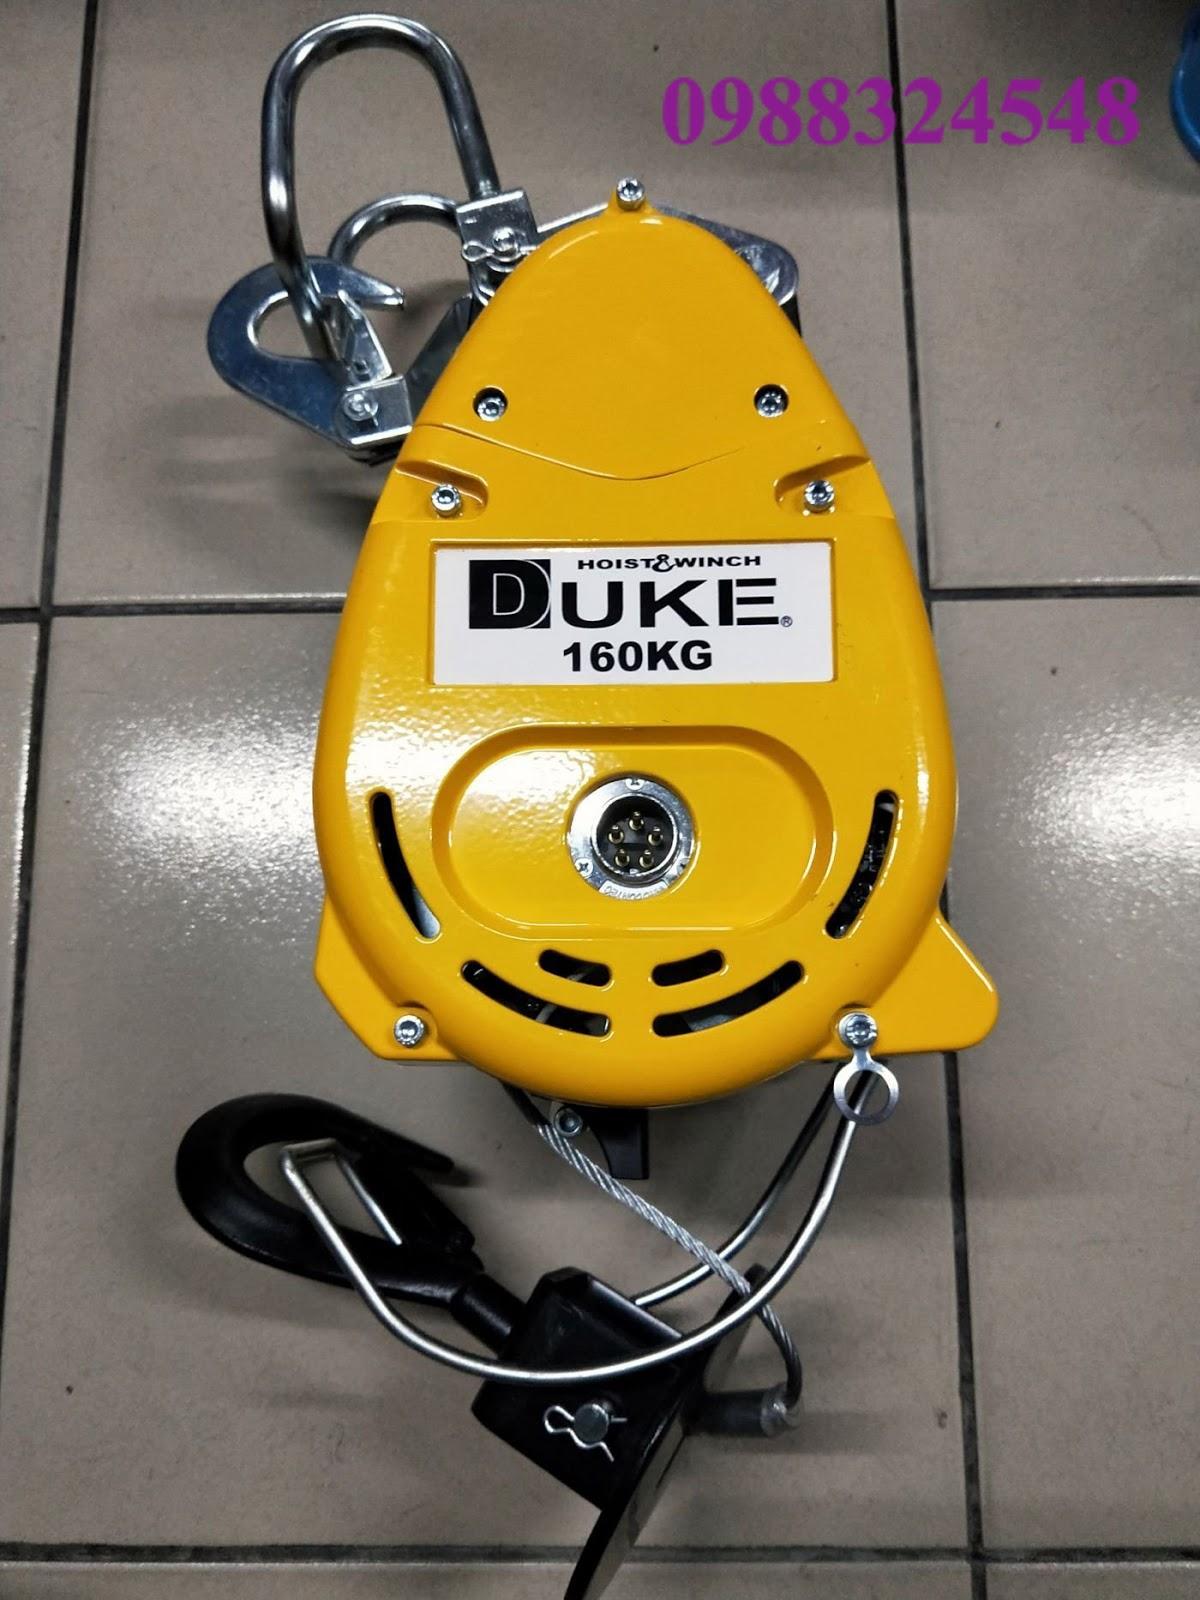 Tời quay cáp điện treo mini Duke DU-160A 160kg